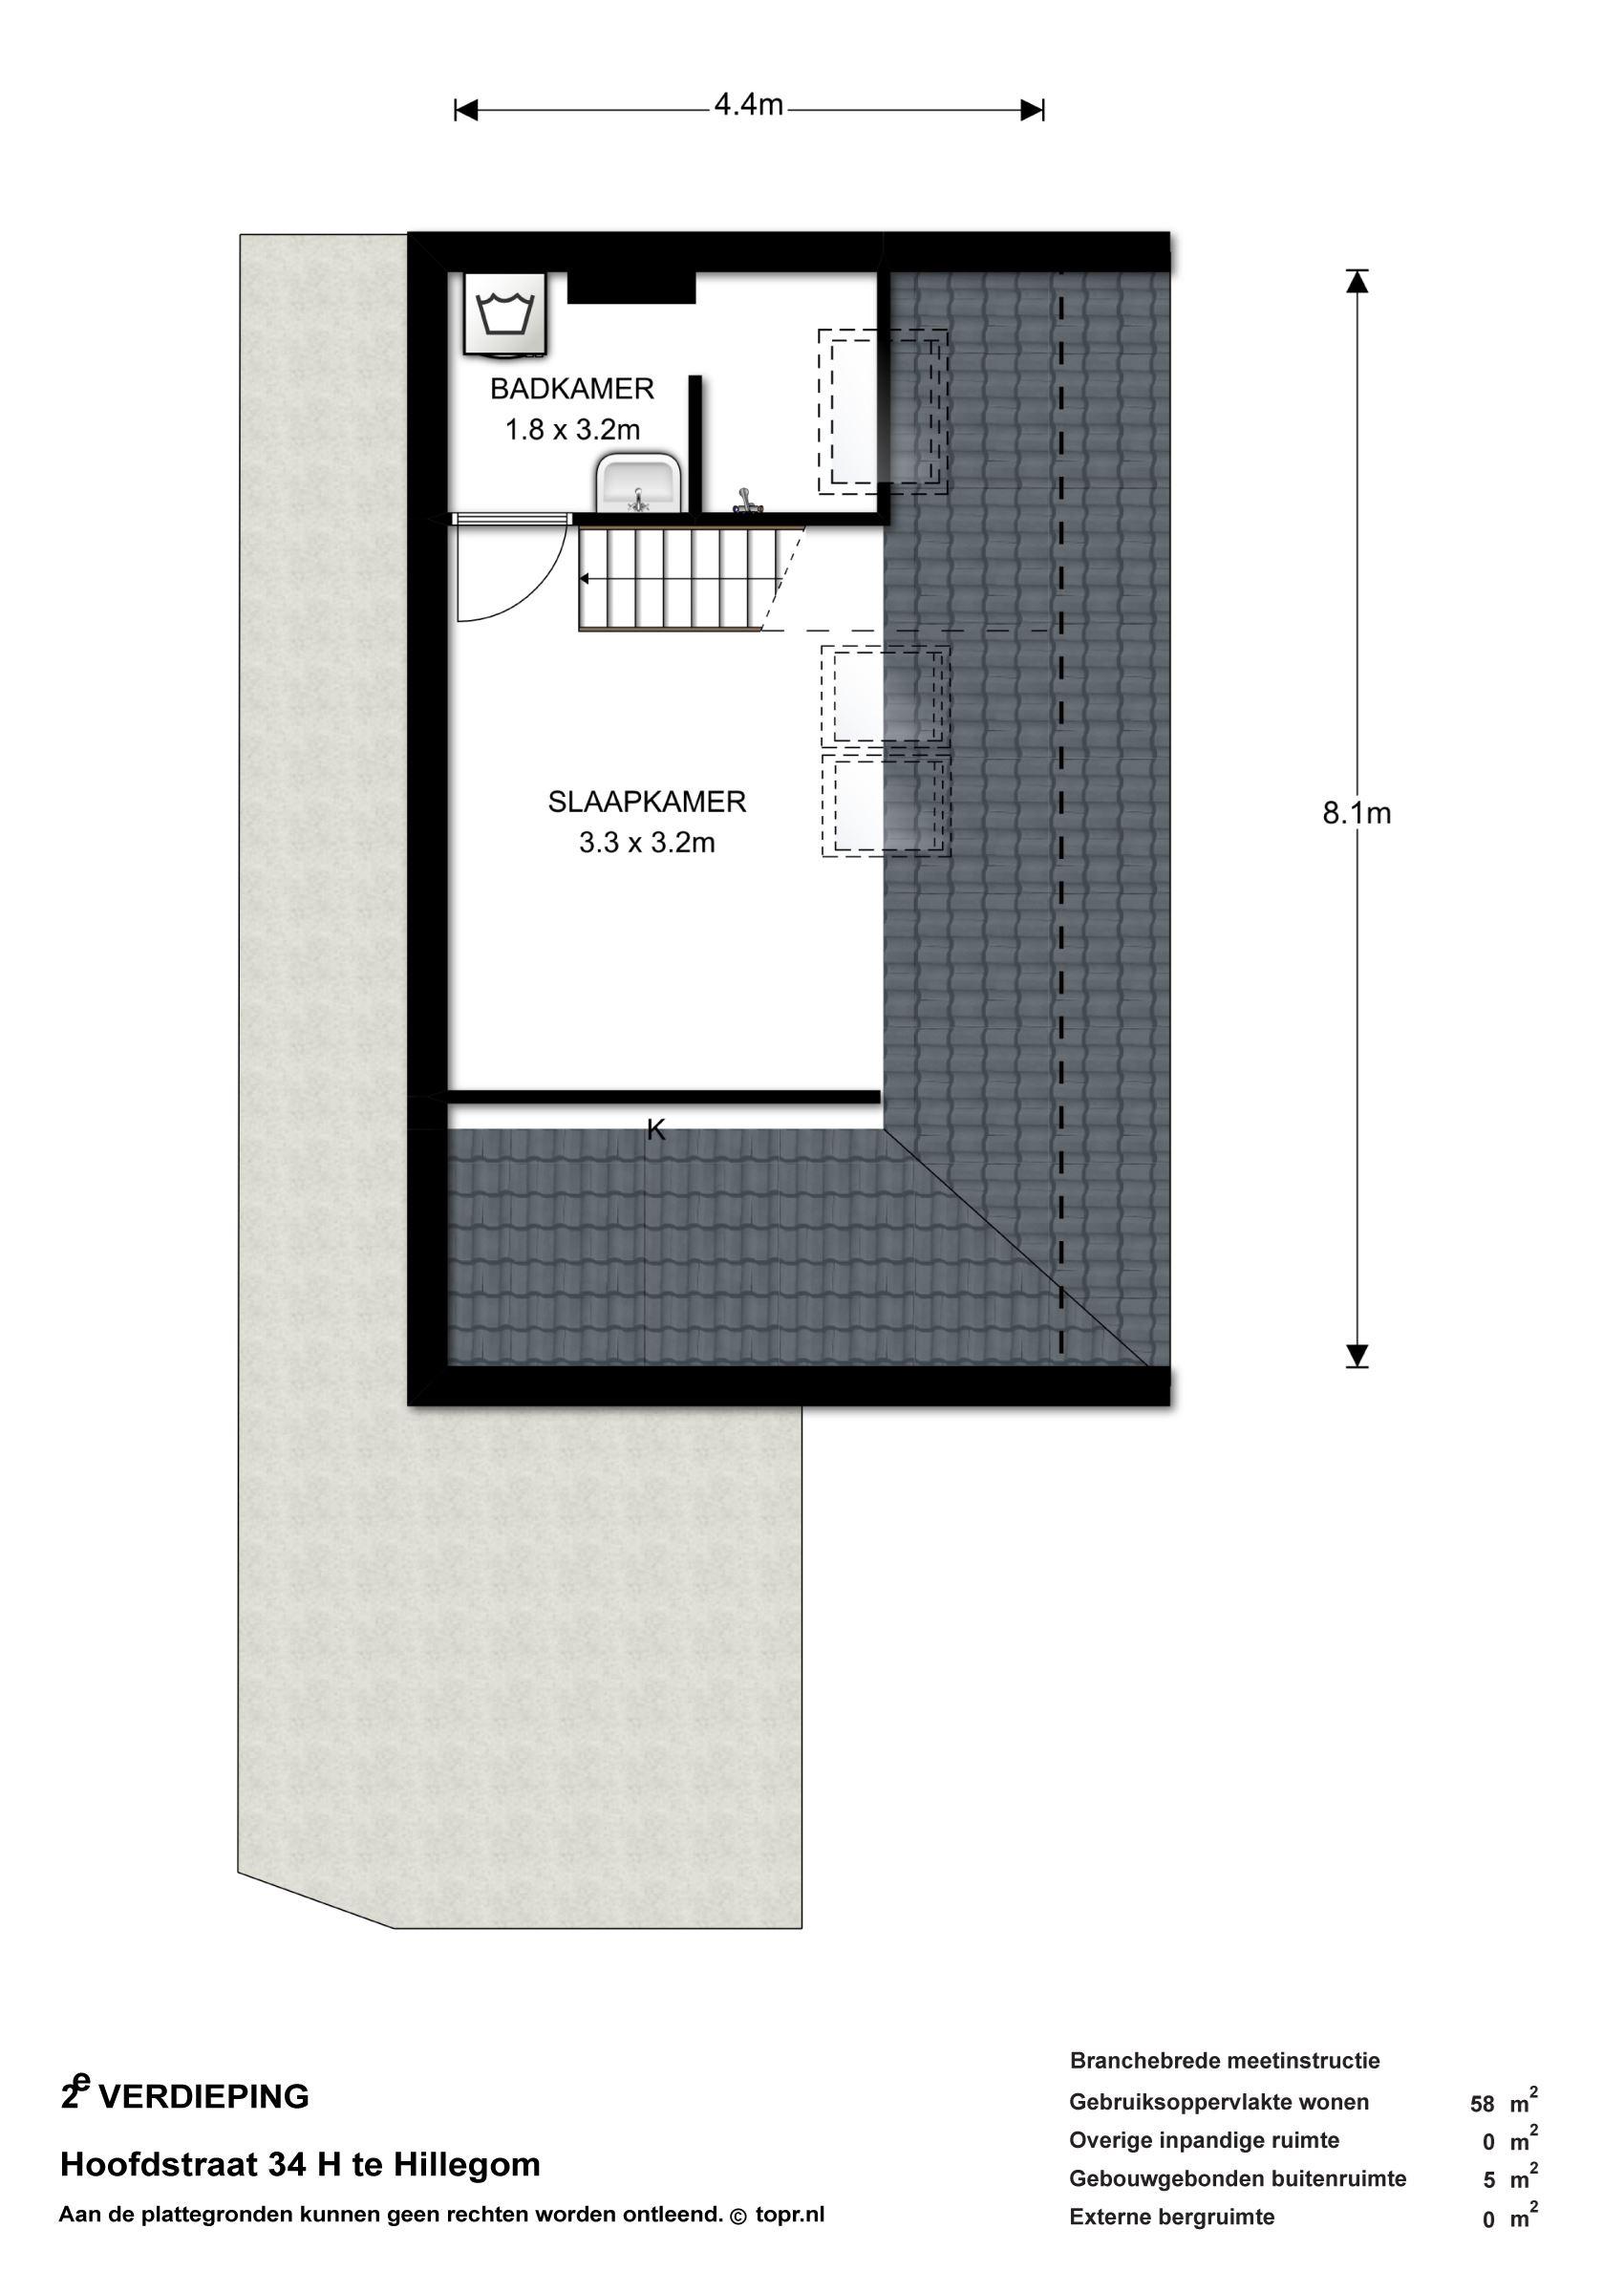 Appartement te koop: Hoofdstraat 34 H 2181 ED Hillegom [funda]